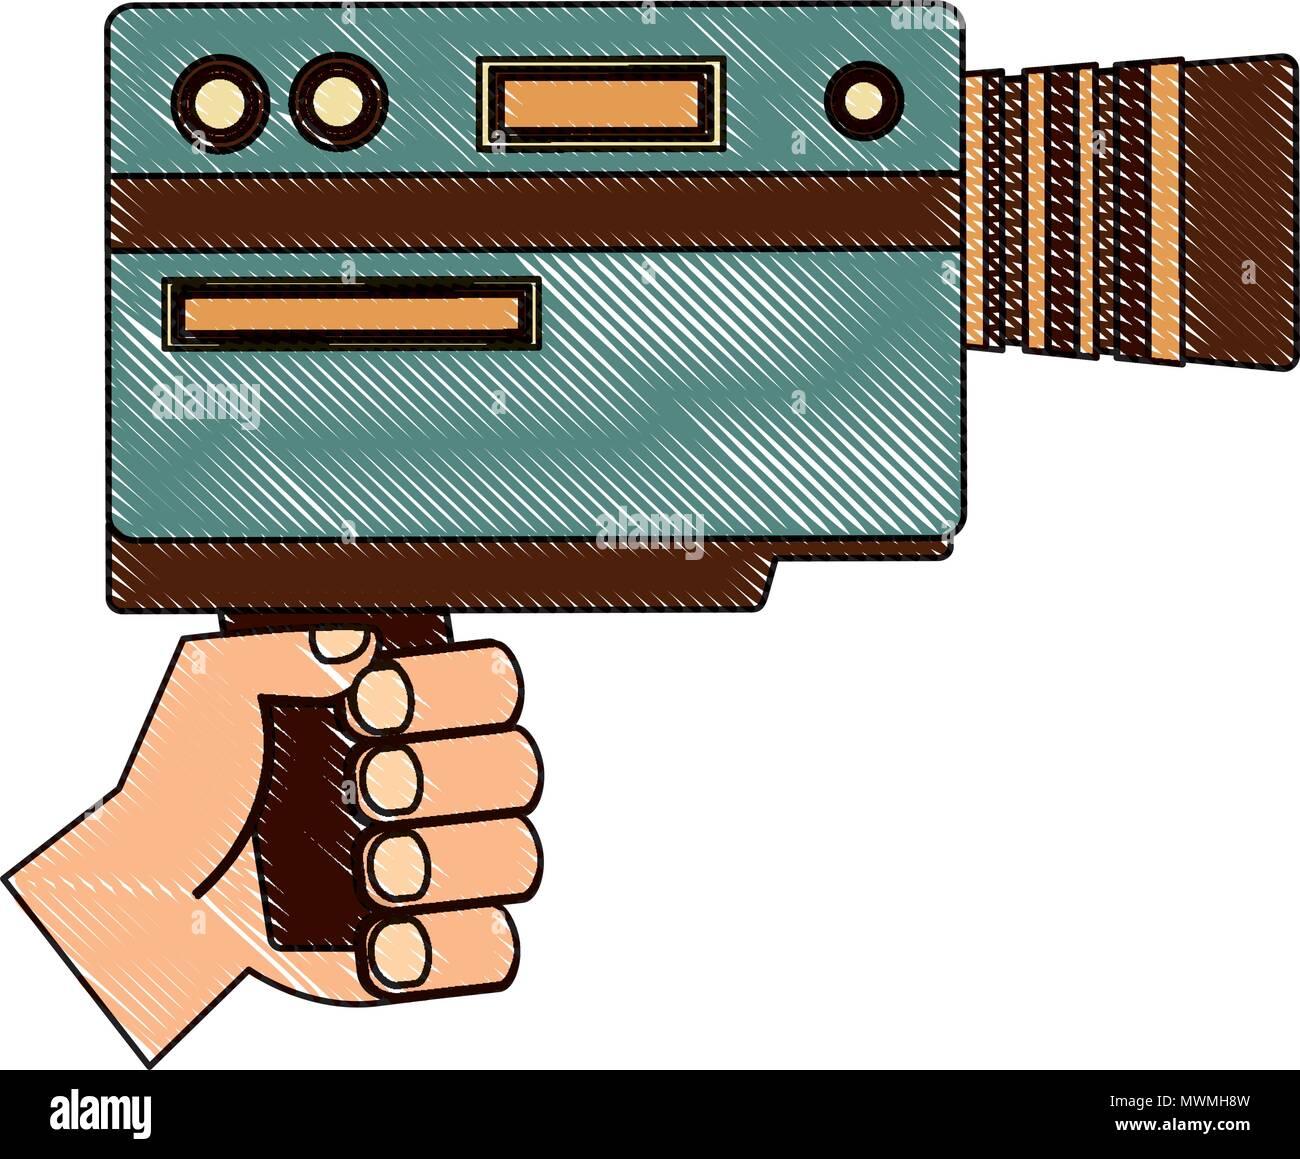 Dispositivo De Cámara De Vídeo De Mano Sujetando Vintage